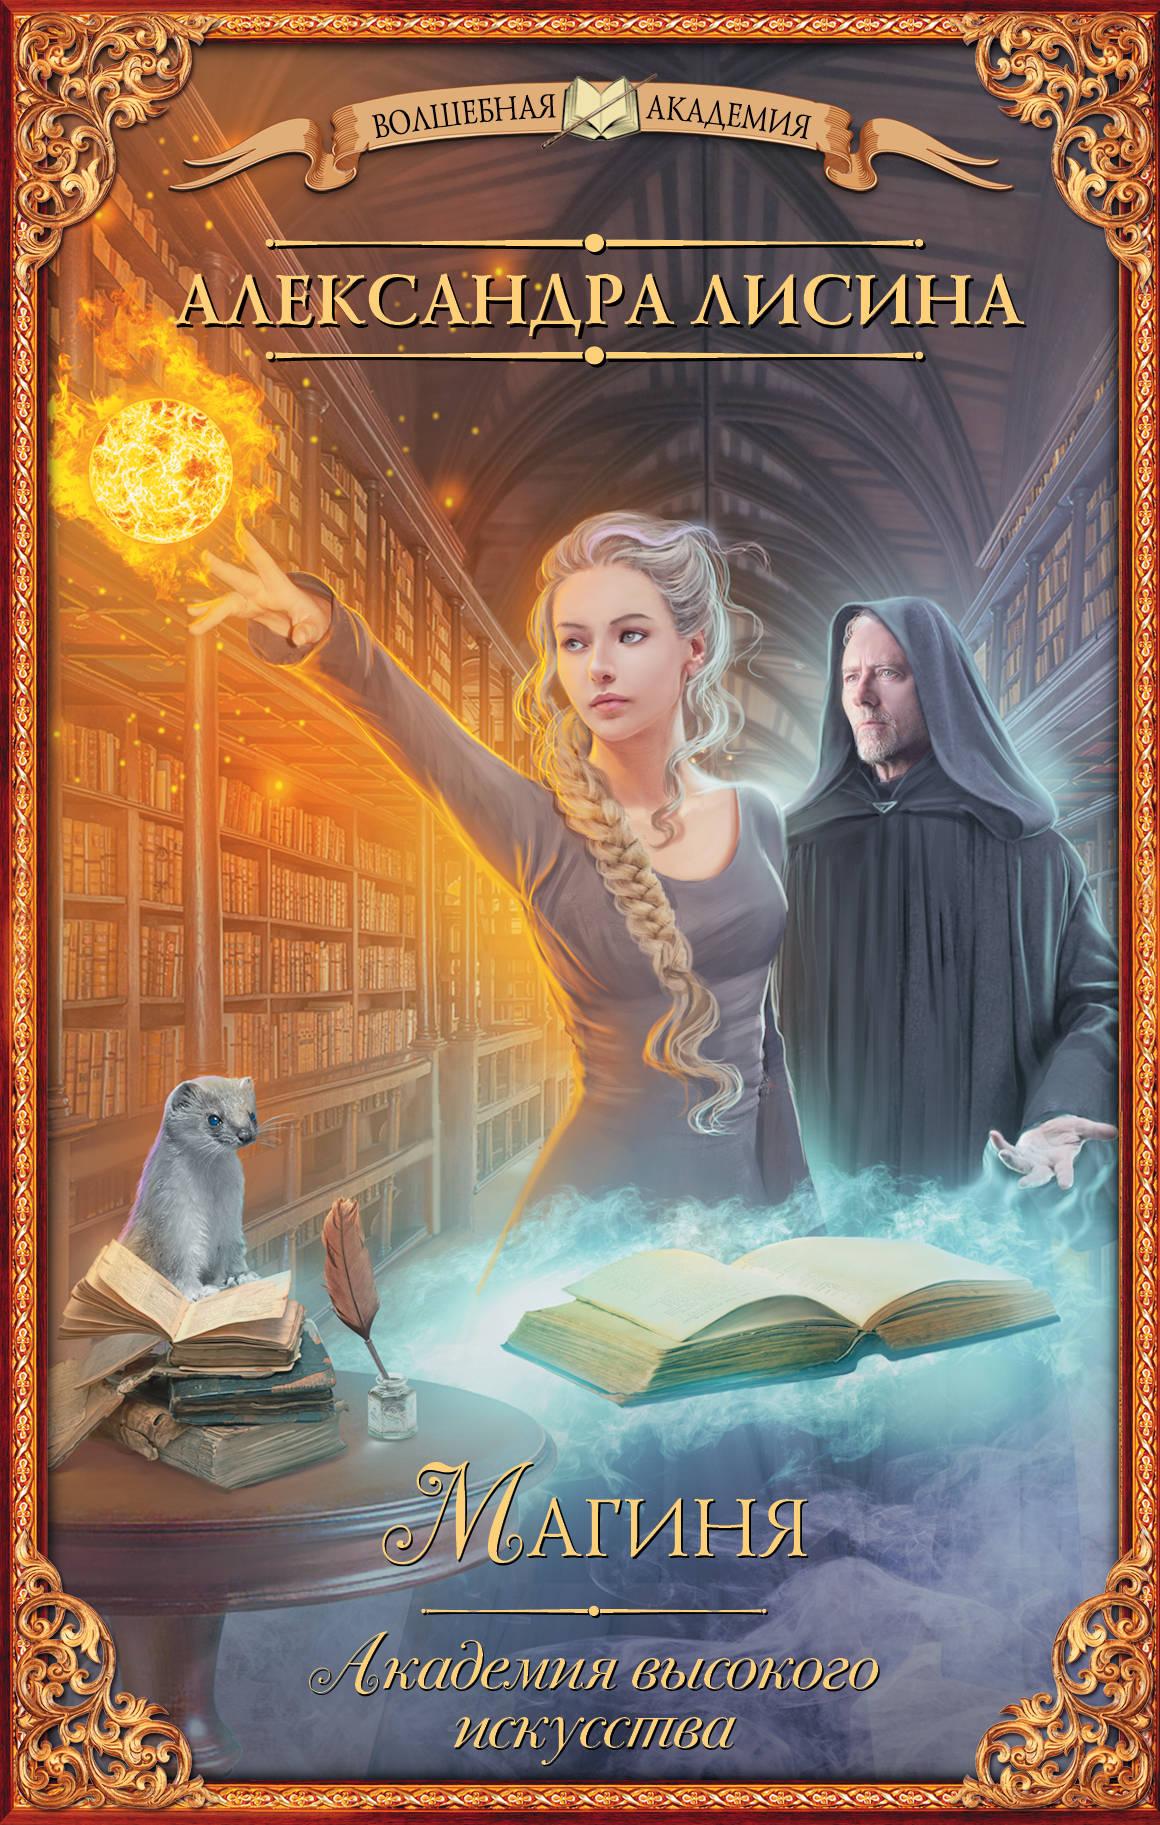 Академия высокого искусства. Магиня - скачать книгу автора ...